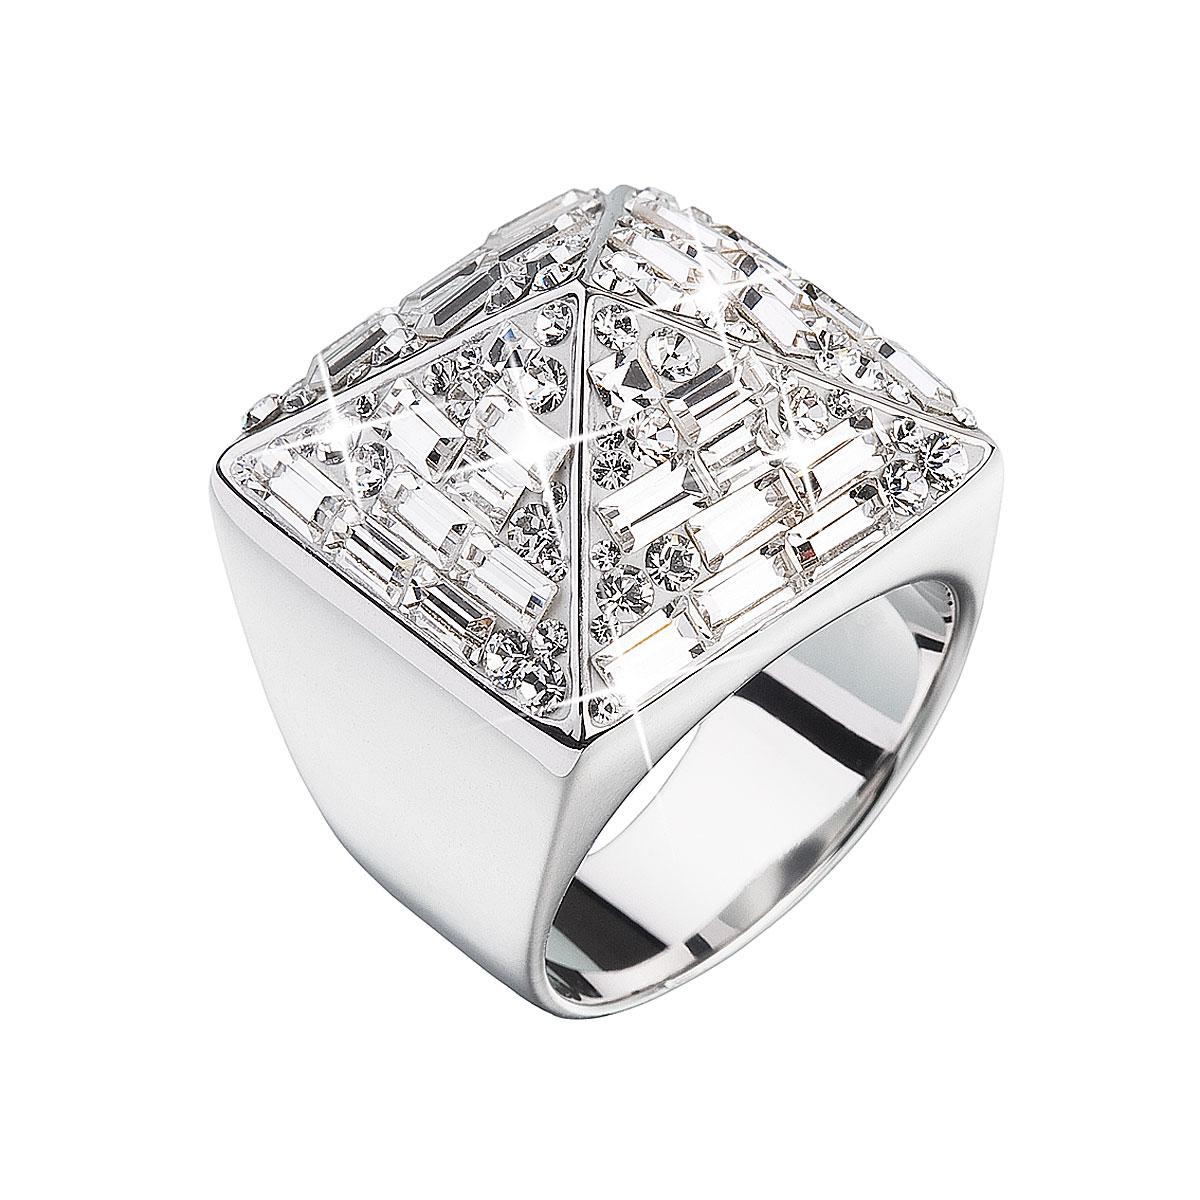 Strieborný prsteň s krištálmi biela pyramída 35810.1